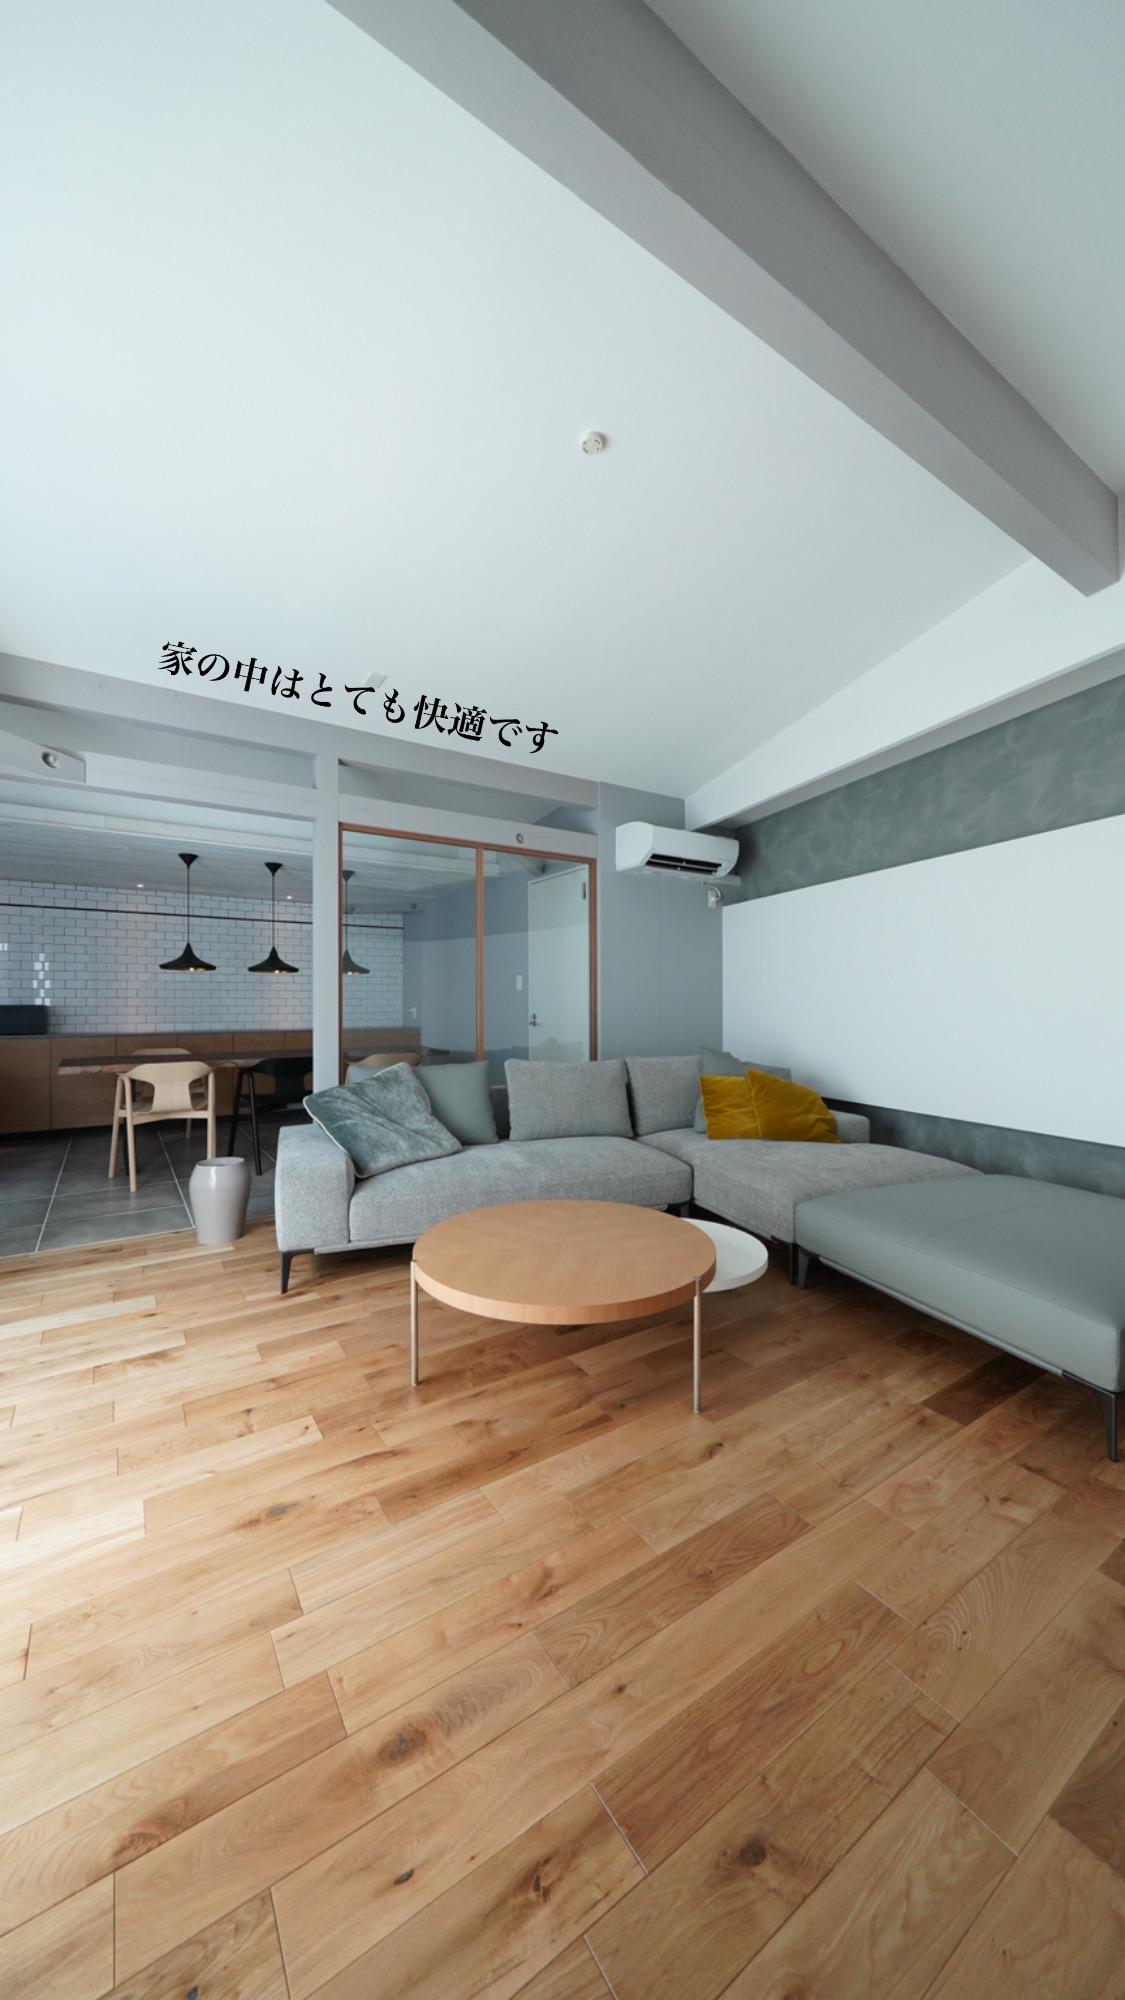 山梨県の工務店、未来建築工房とつくる注文住宅。|デザインだけじゃない